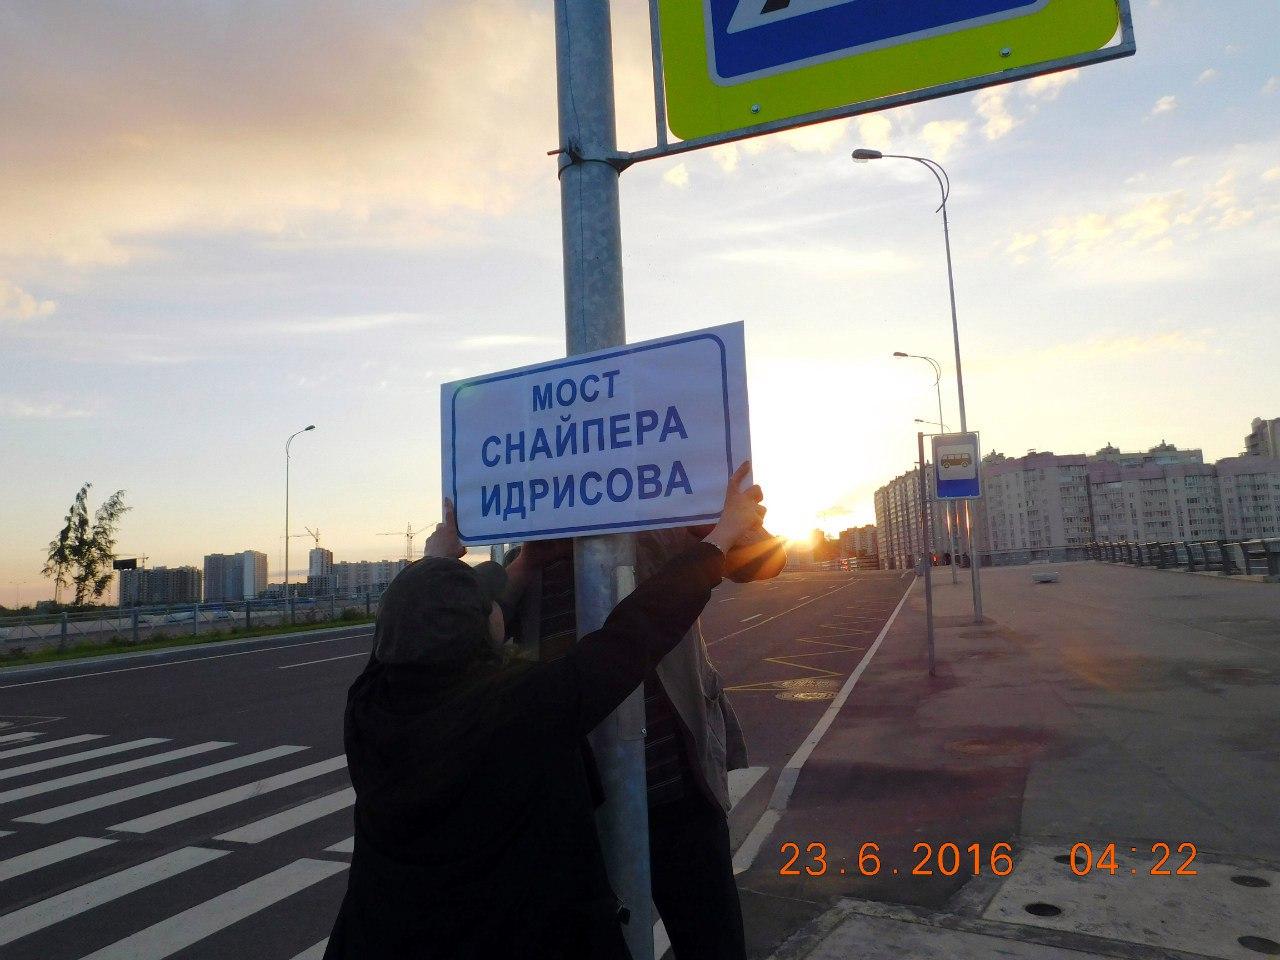 В Петербурге у моста Кадырова появился портрет Буданова фото